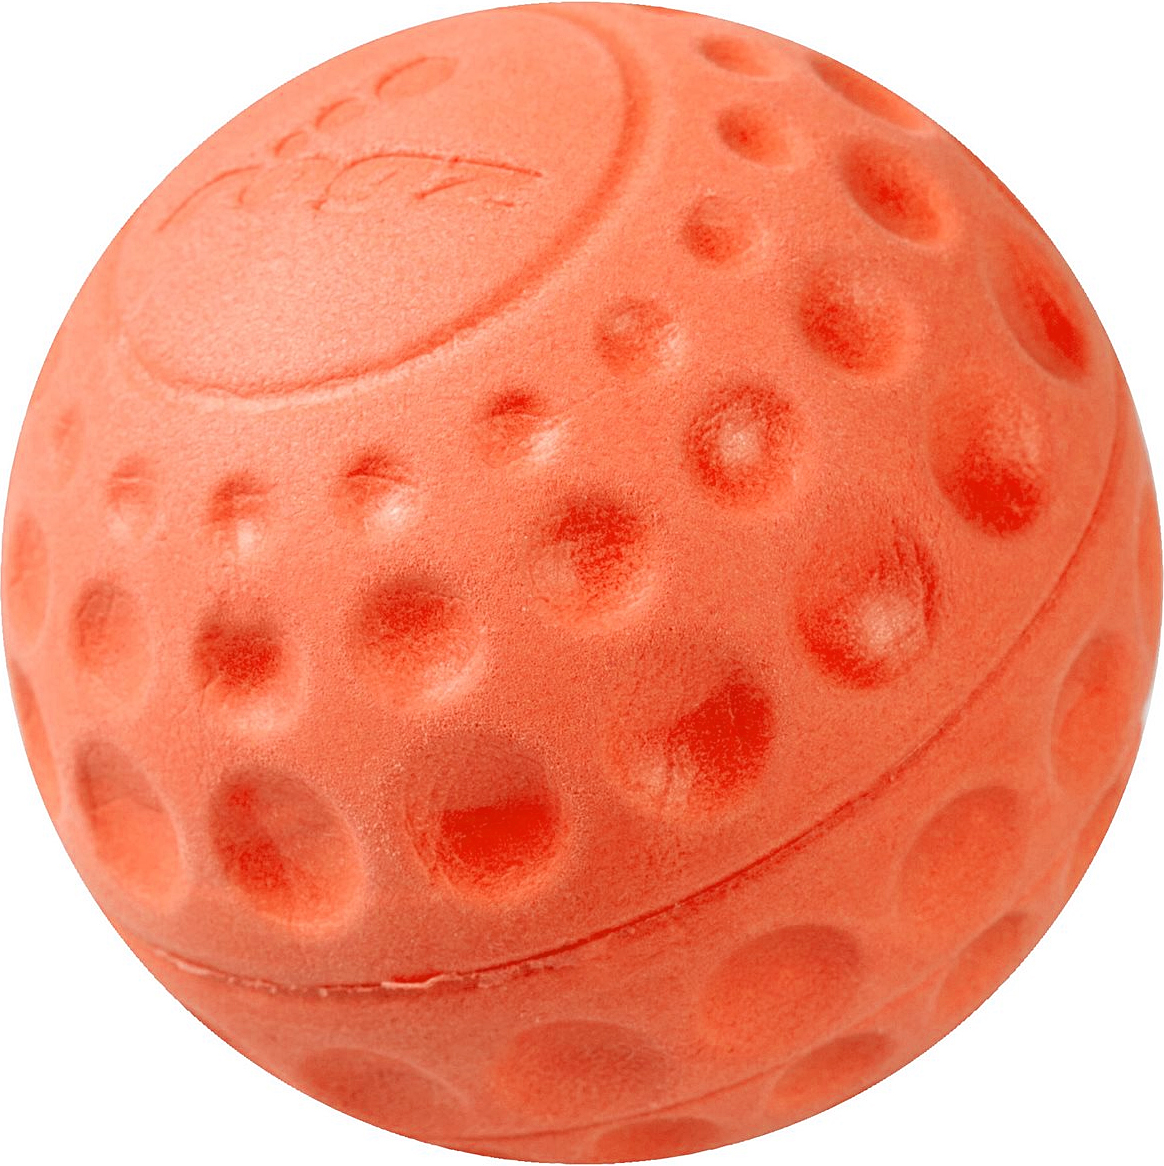 Игрушка для собак Rogz Asteroidz, цвет: оранжевый, диаметр 4,9 смAS01DМяч для собак Rogz Asteroidz предназначен для игры с хозяином Принеси.Мяч имеет небольшой вес, не травмирует десны, не повреждает зубы, удобно носить в пасти.Отличная упругость для подпрыгивания.Изготовлено из особого термоэластопласта Sebs, обеспечивающего великолепную плавучесть в воде, поэтому игрушка отлично подходит для игры в водоеме. Материал изделия: EVA (этиленвинилацетат) - легкий мелкопористый материал, похожий на застывшую пену.Не токсичен.